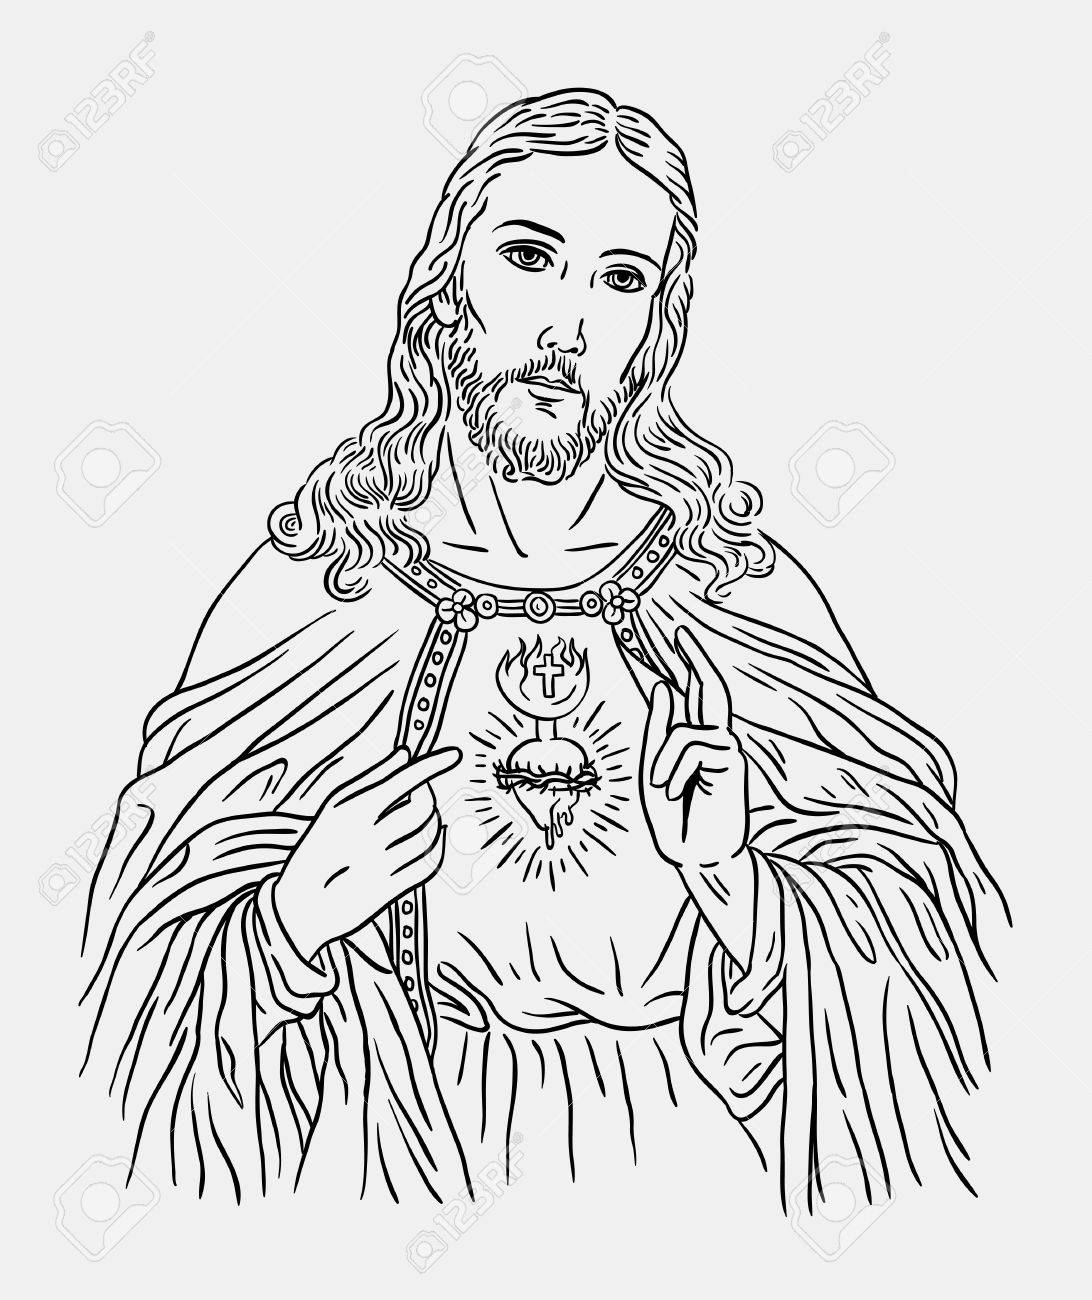 1092x1300 Jesus Christ Catholic Religion Art Line Drawing Style. Good Use